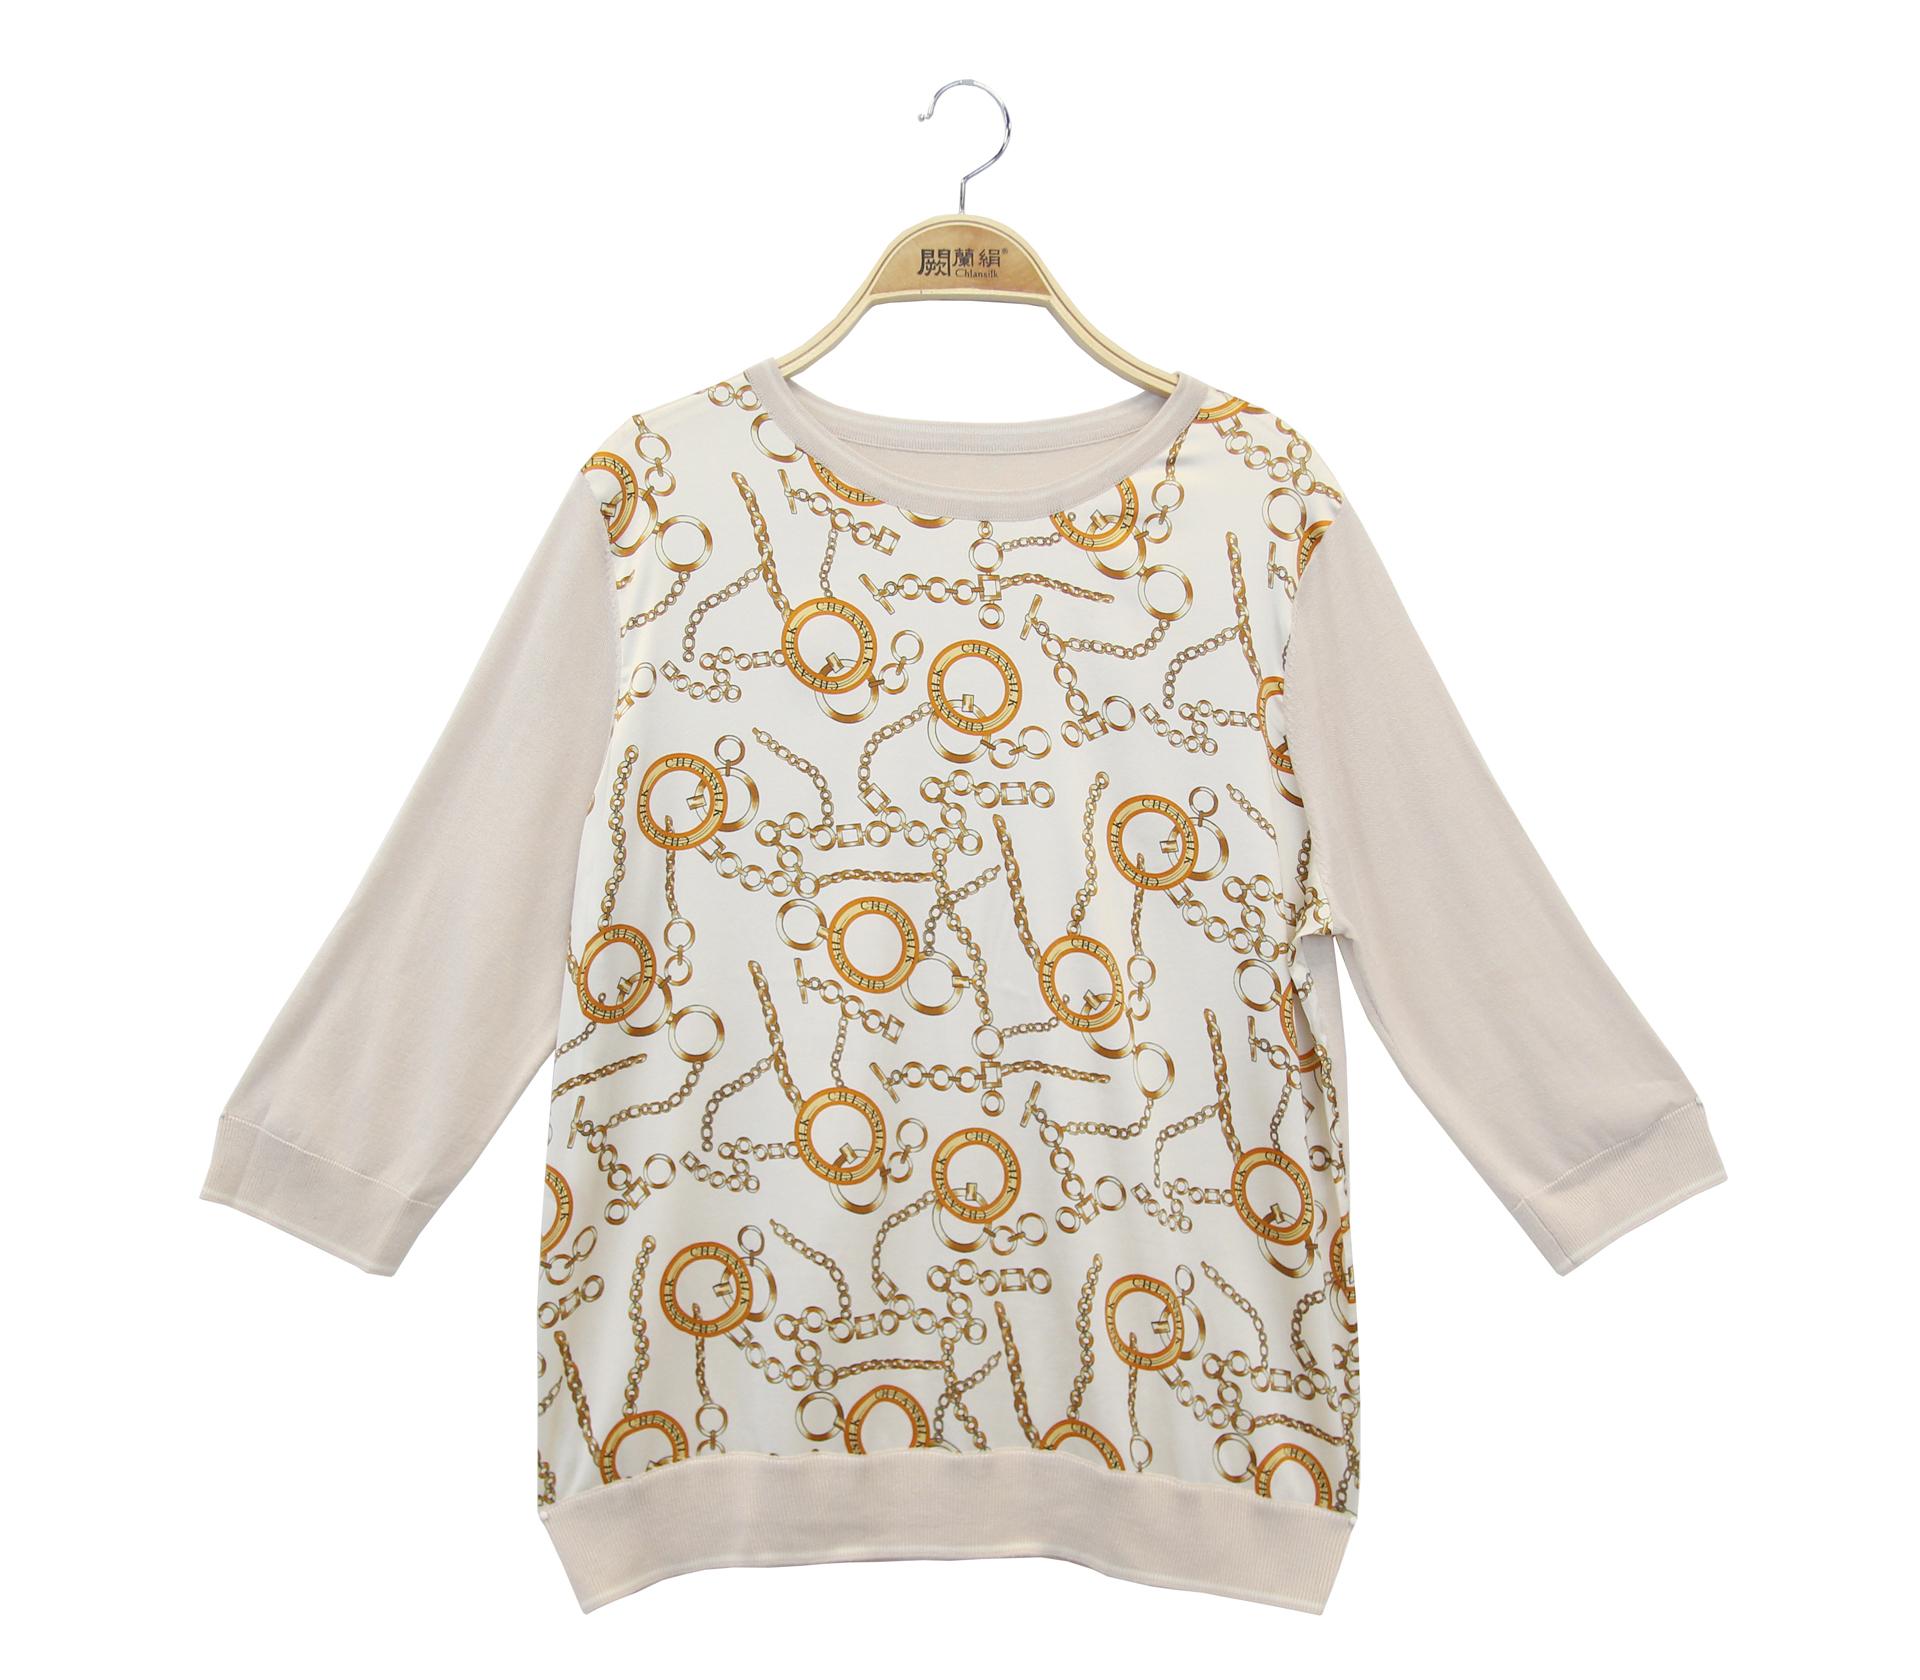 闕蘭絹拼接滑布鎖鏈蠶絲六分袖針織上衣 - 米色 - 6643